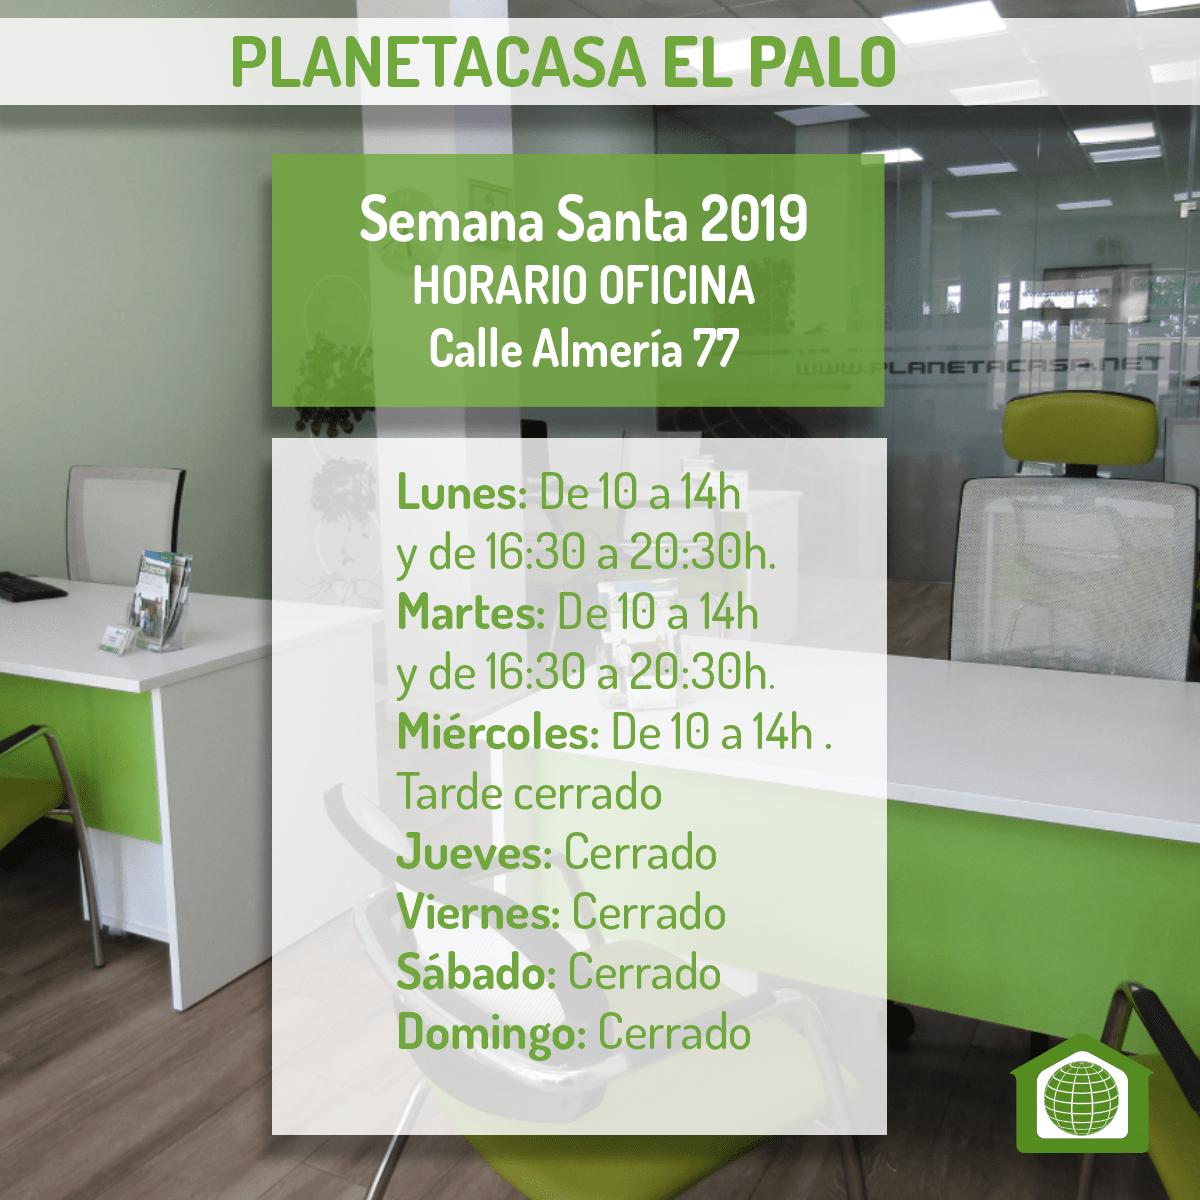 Horario oficina planetacasa El Palo Semana Santa 2019